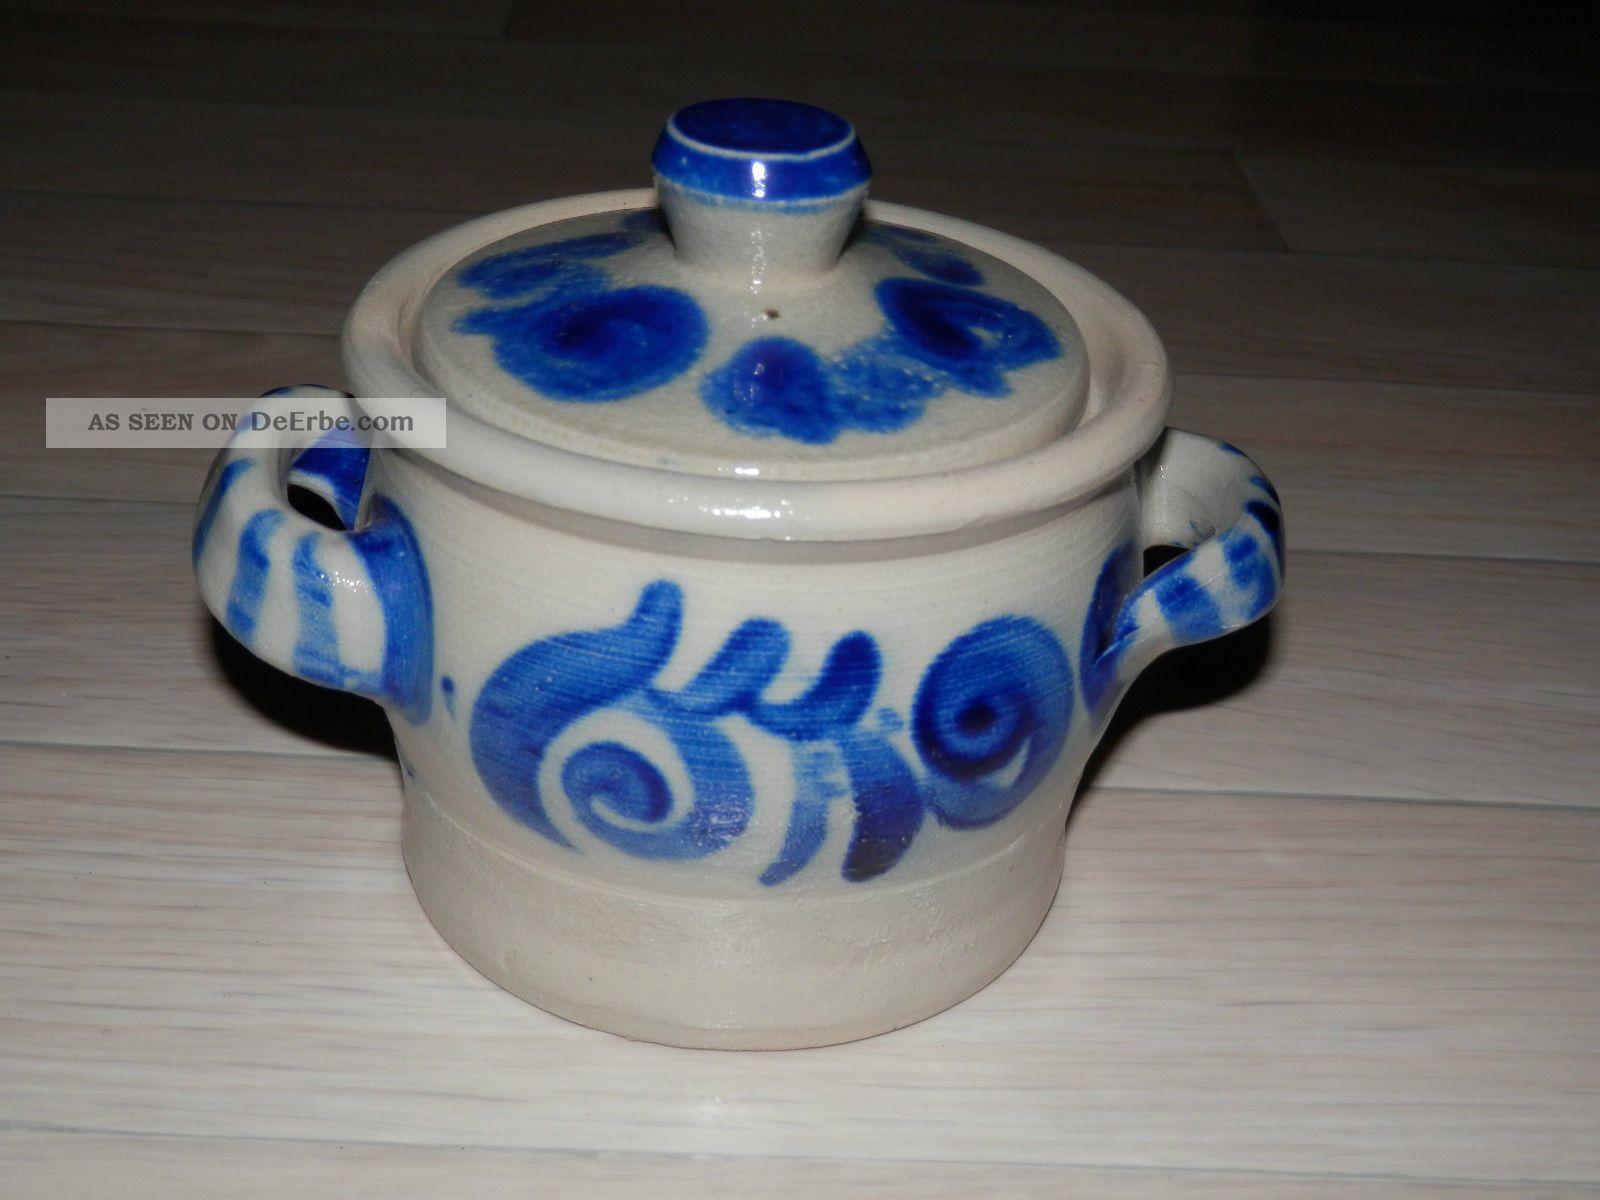 Steingut Keramik keramik schmalztopf mit deckel steingut grau blau